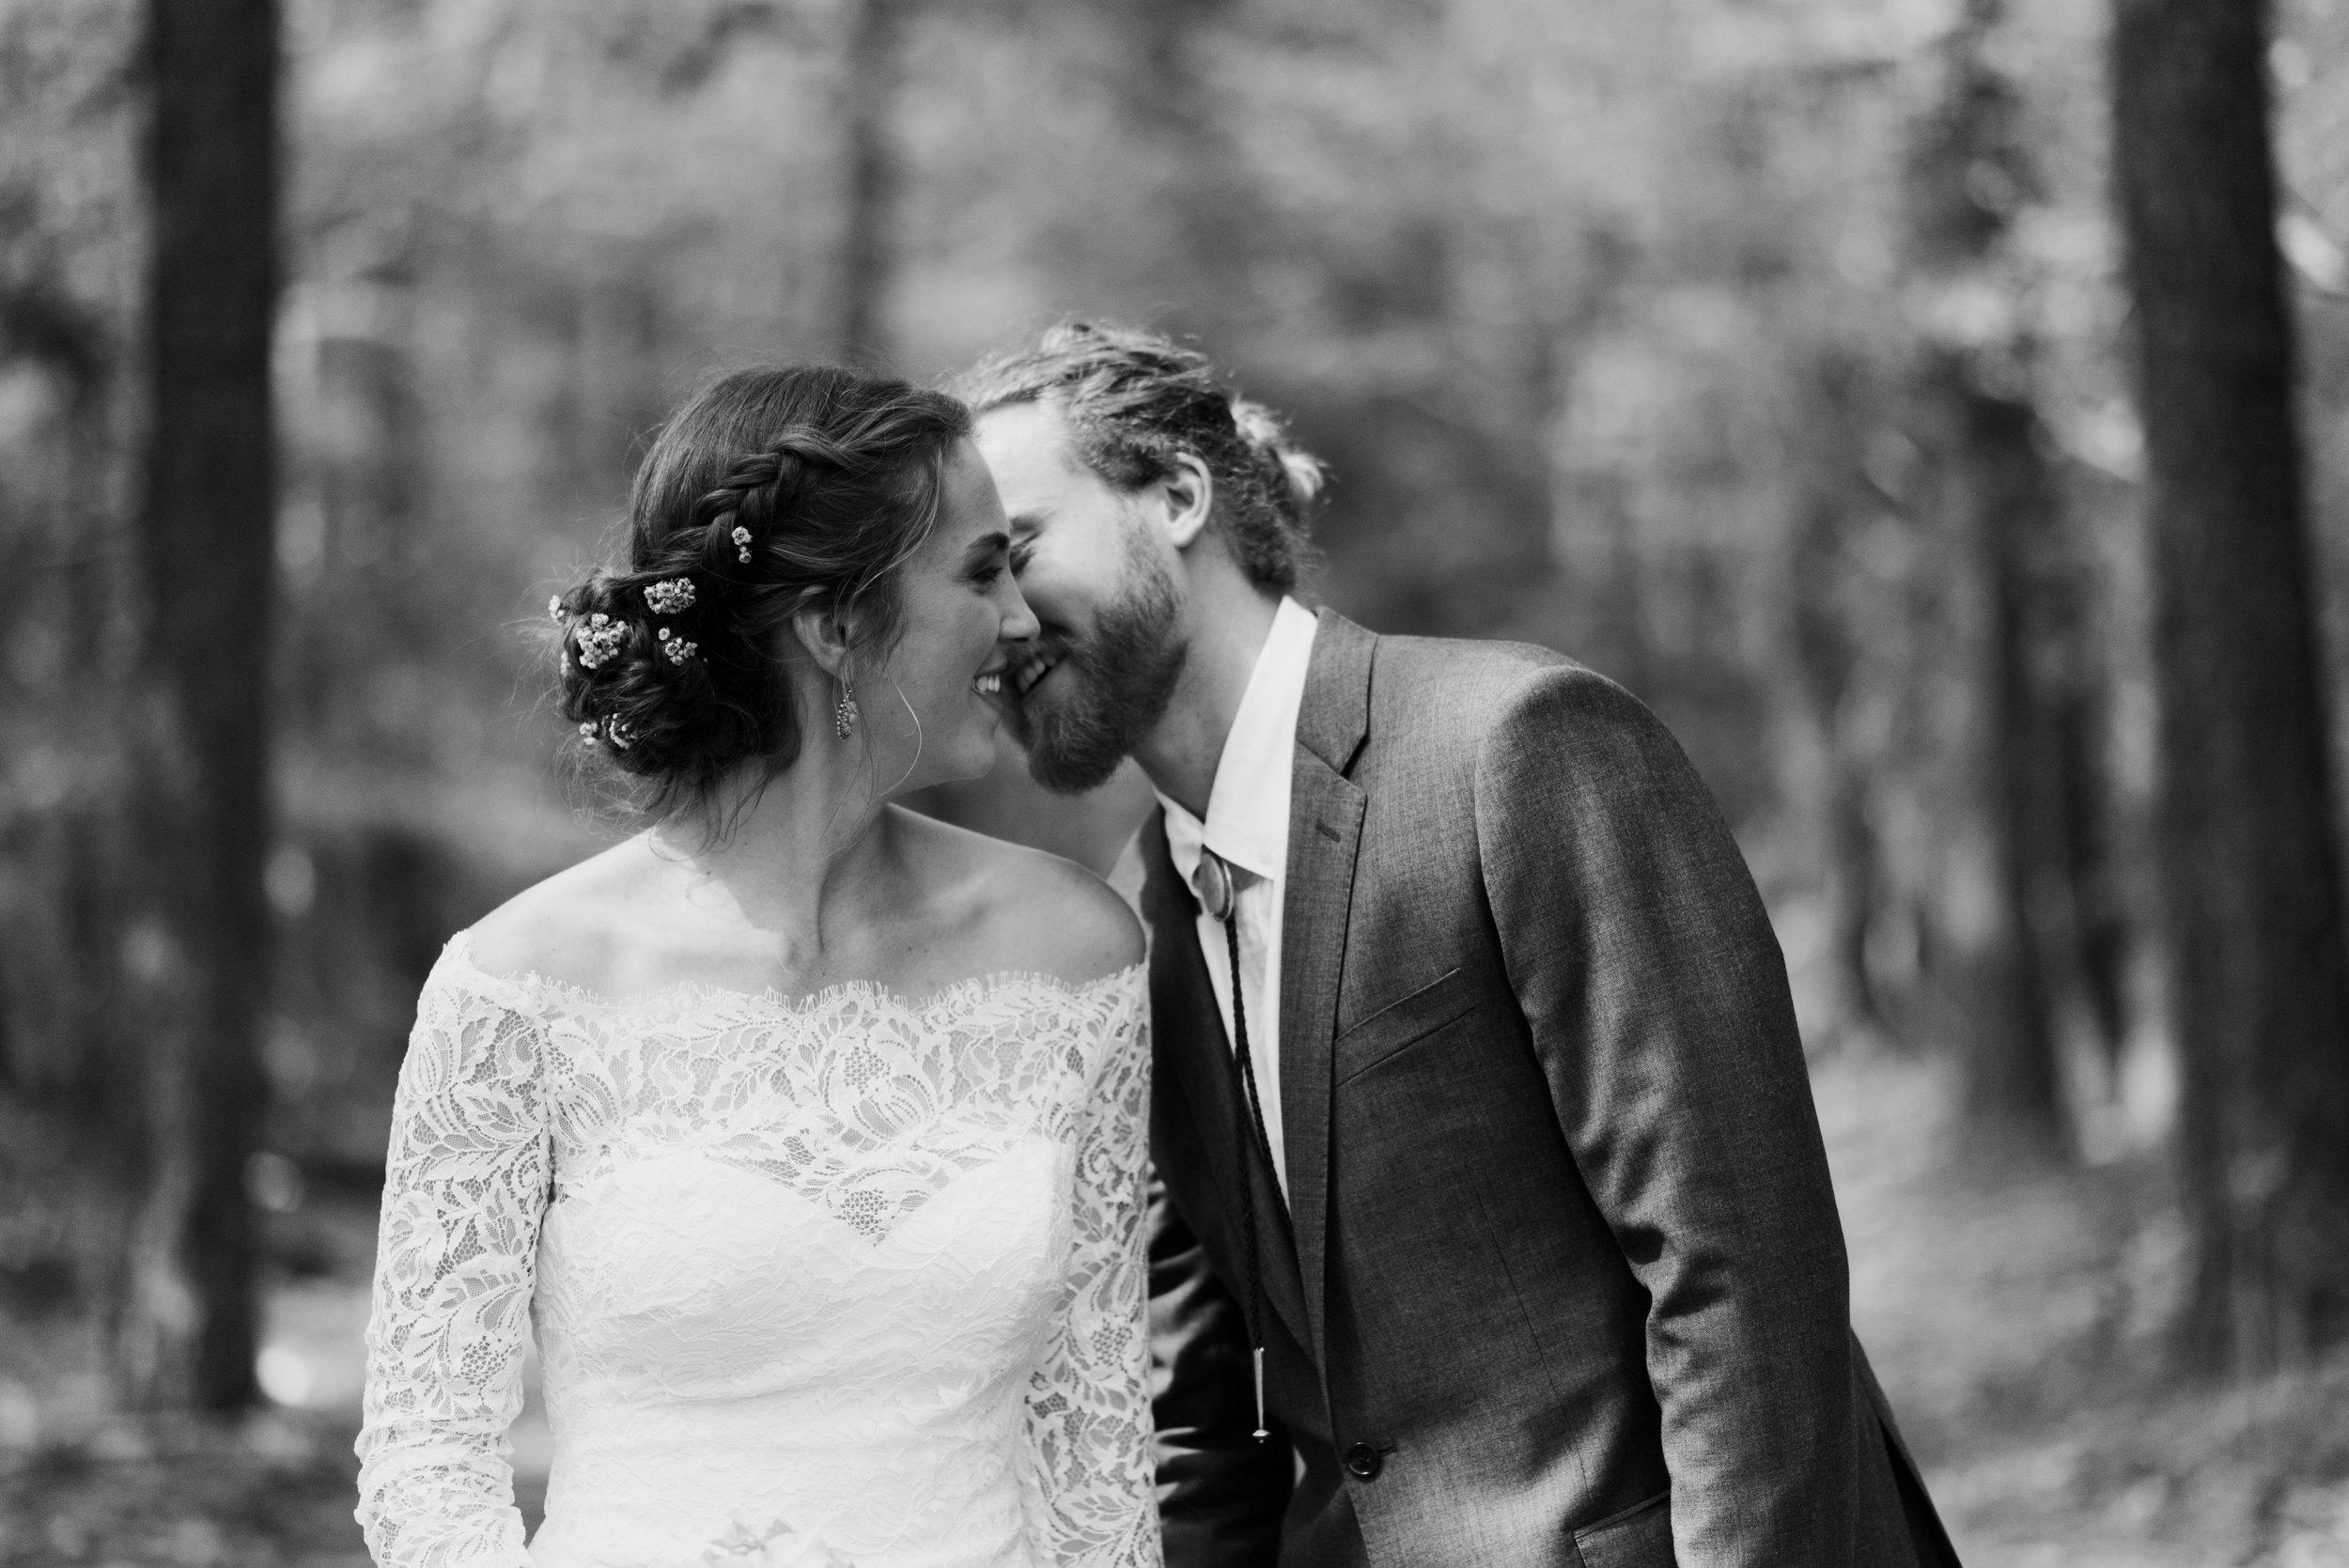 raleigh-elopement-photographer-raleigh-durham-wedding-maddie-and-devin- (30 of 162).jpg